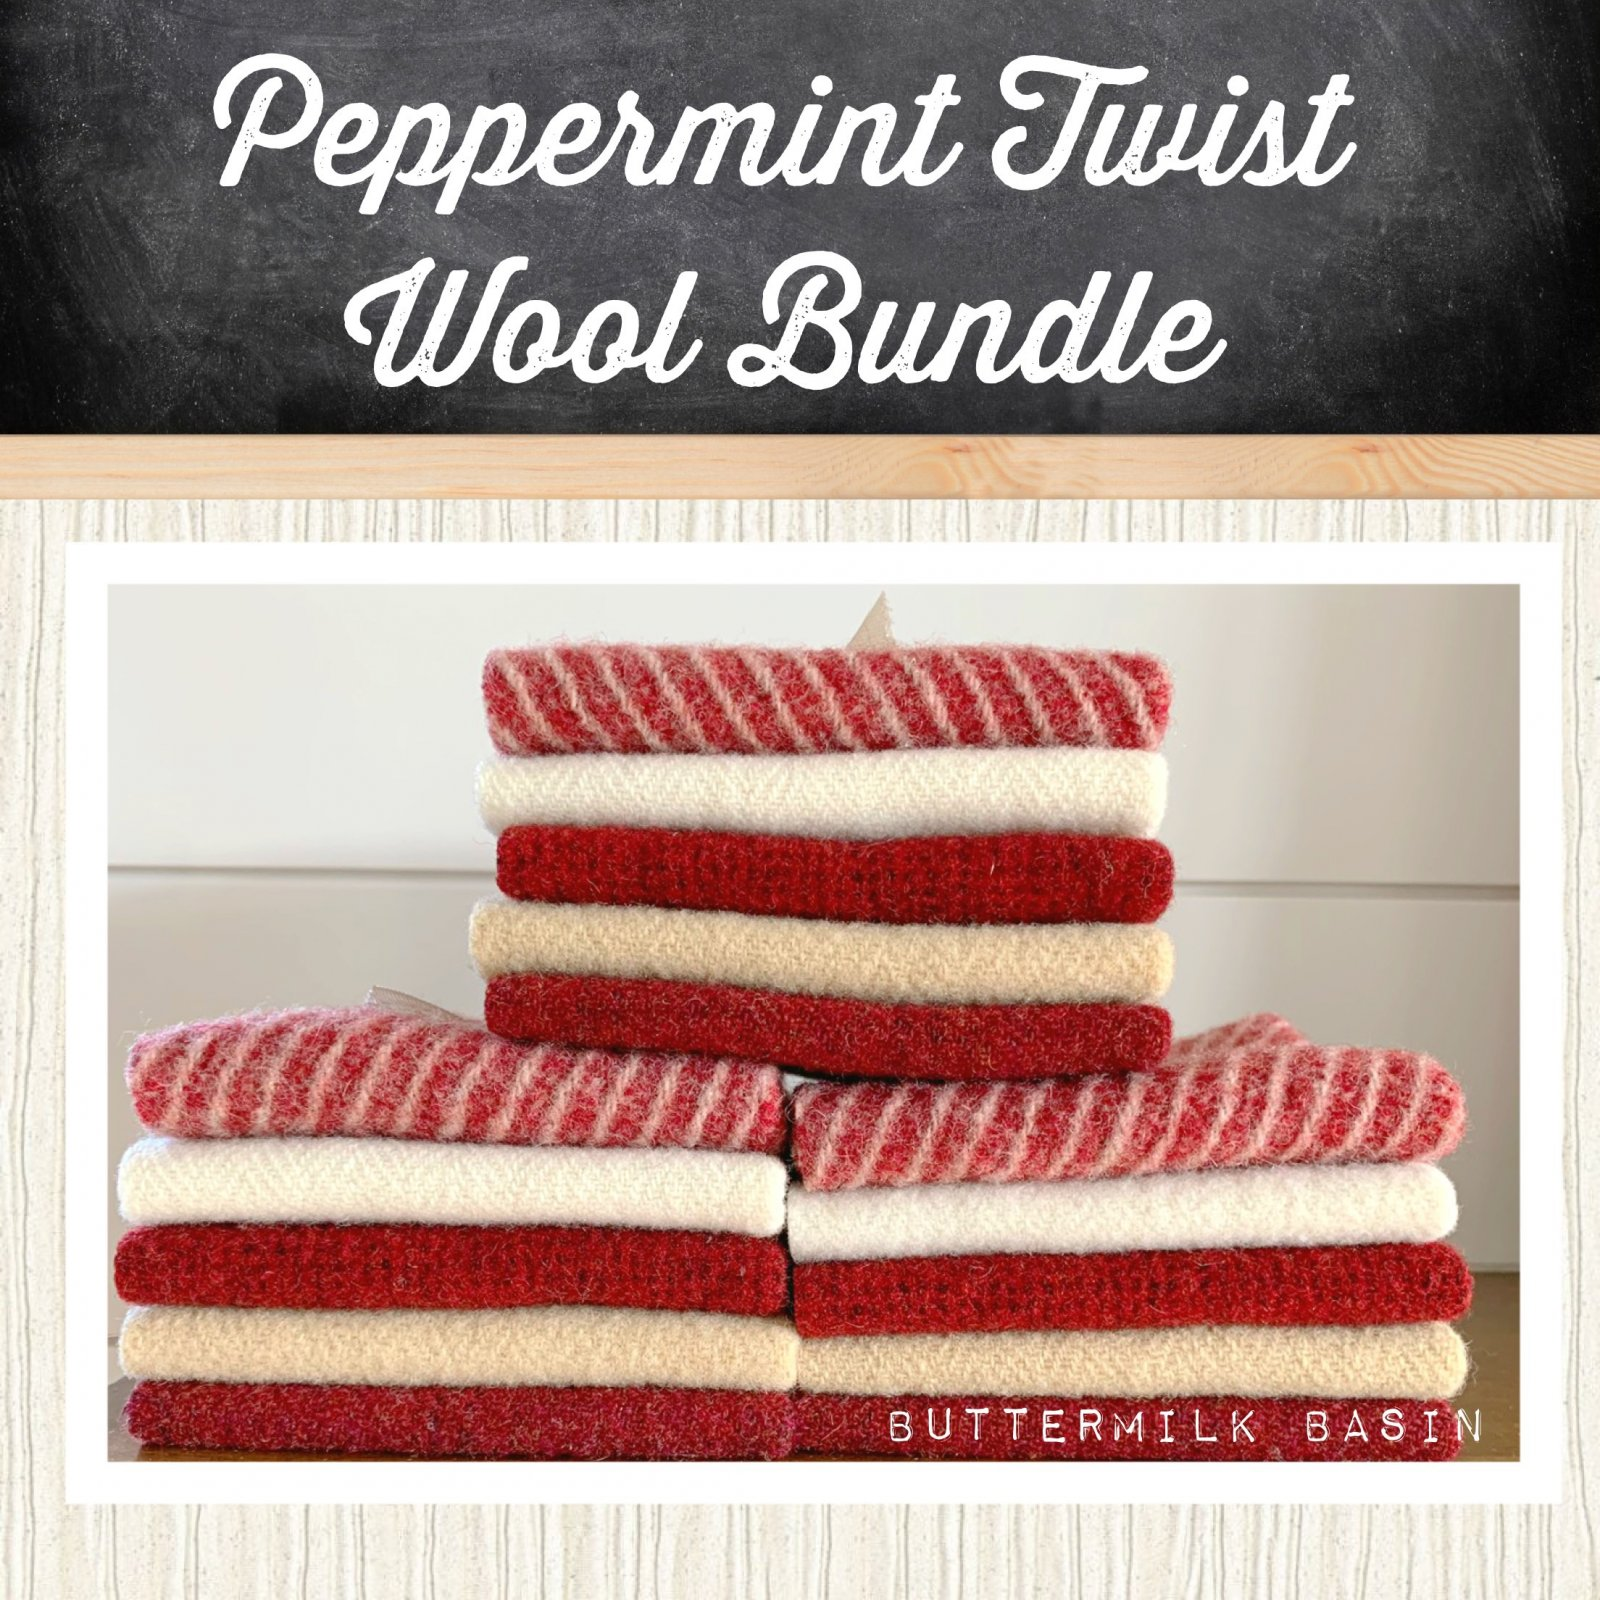 Peppermint Twist Wool Bundle